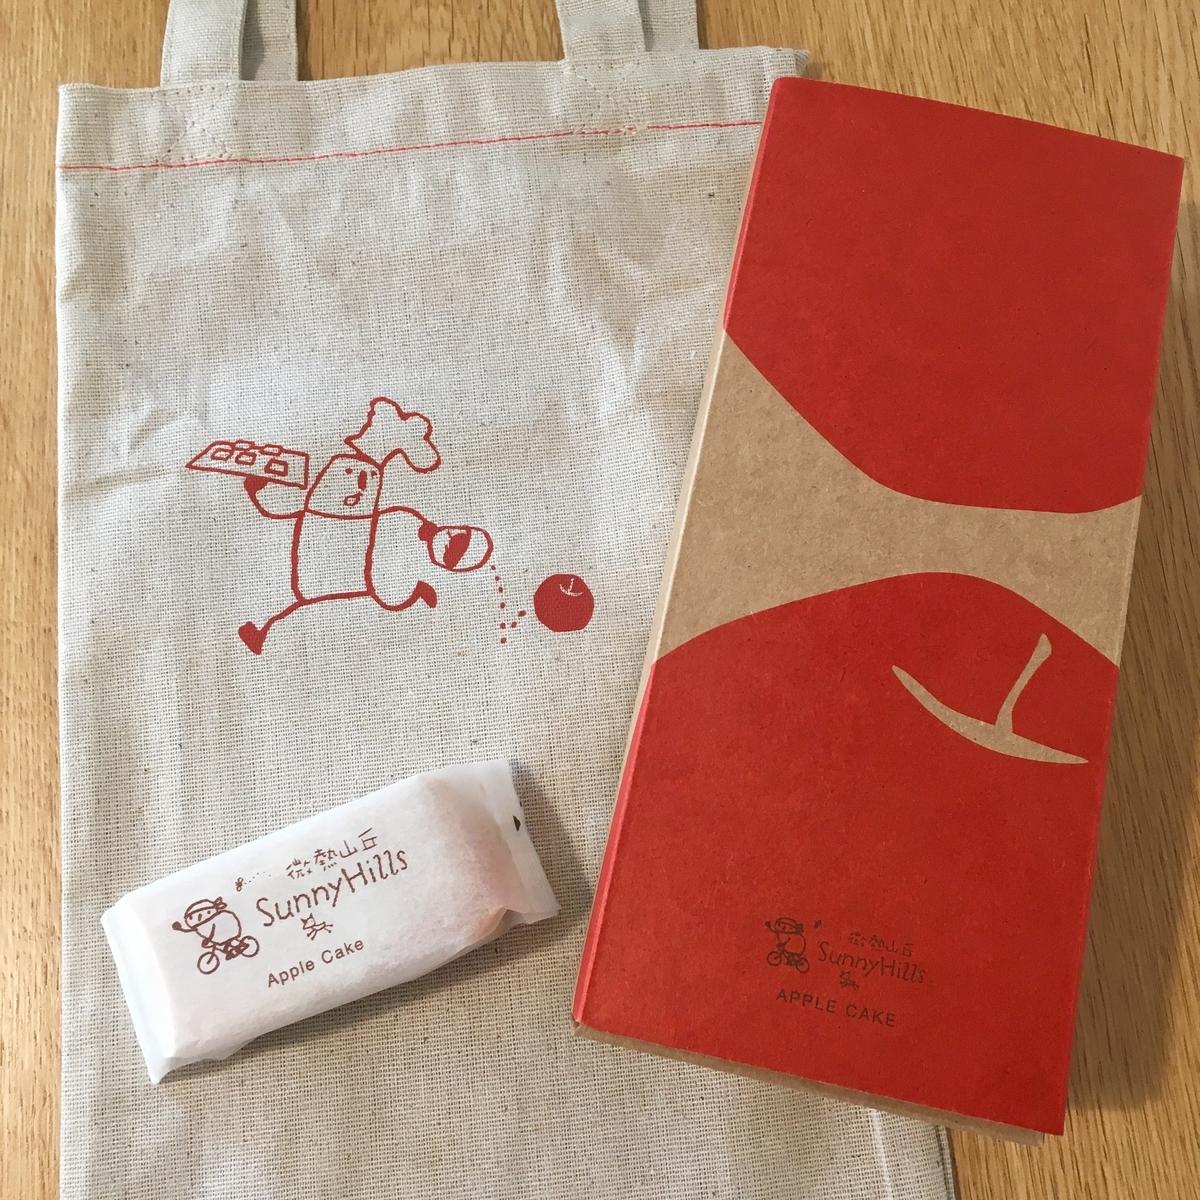 SunnyHillsのりんごケーキ5個入りの箱と布袋の画像